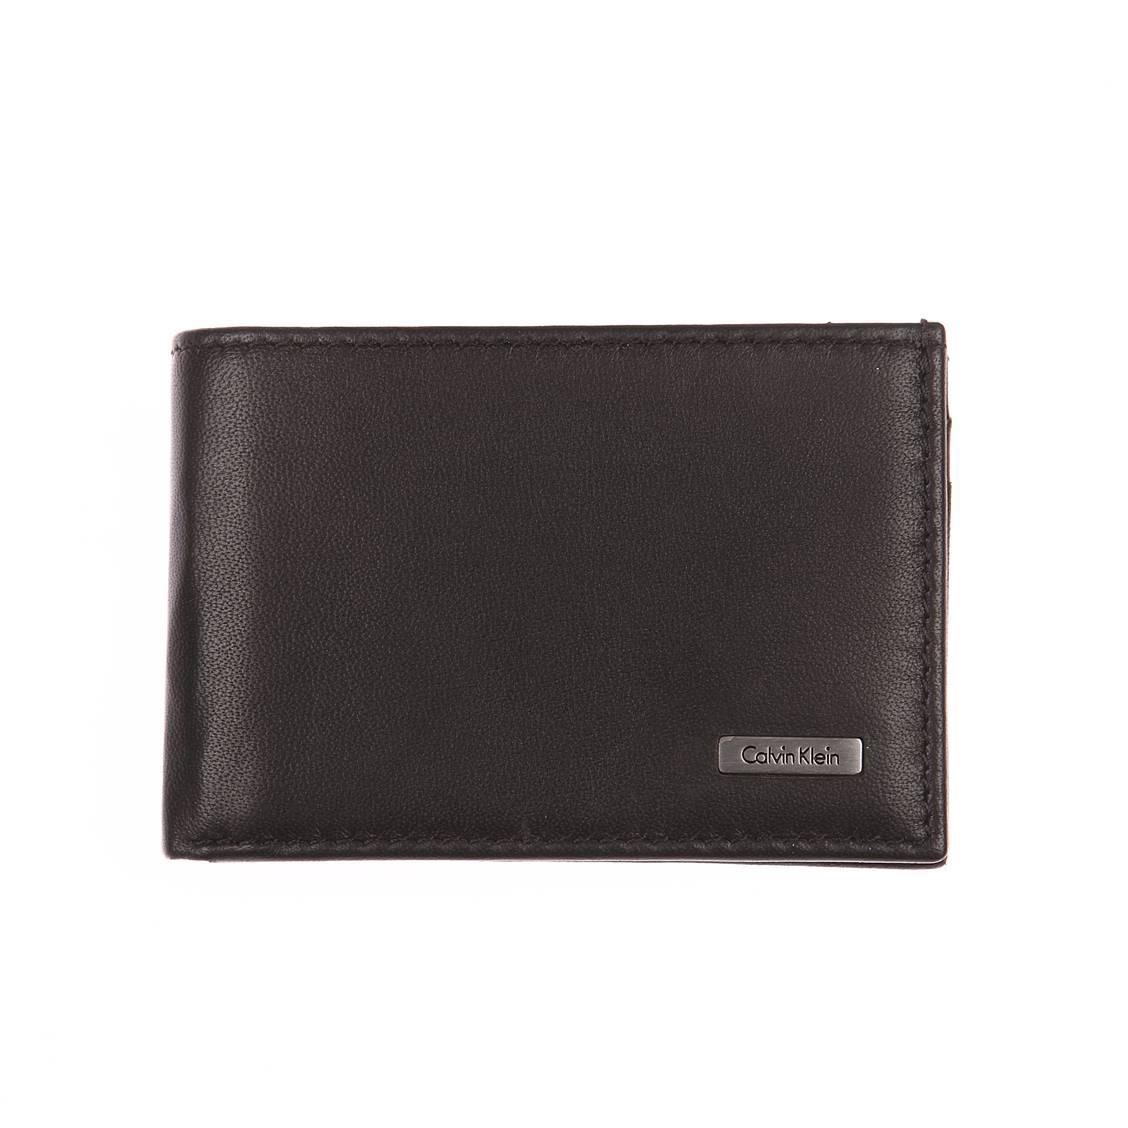 Portefeuille italien Calvin Klein Jeans Rail en cuir lisse noir avec porte-monnaie YL4cxpS